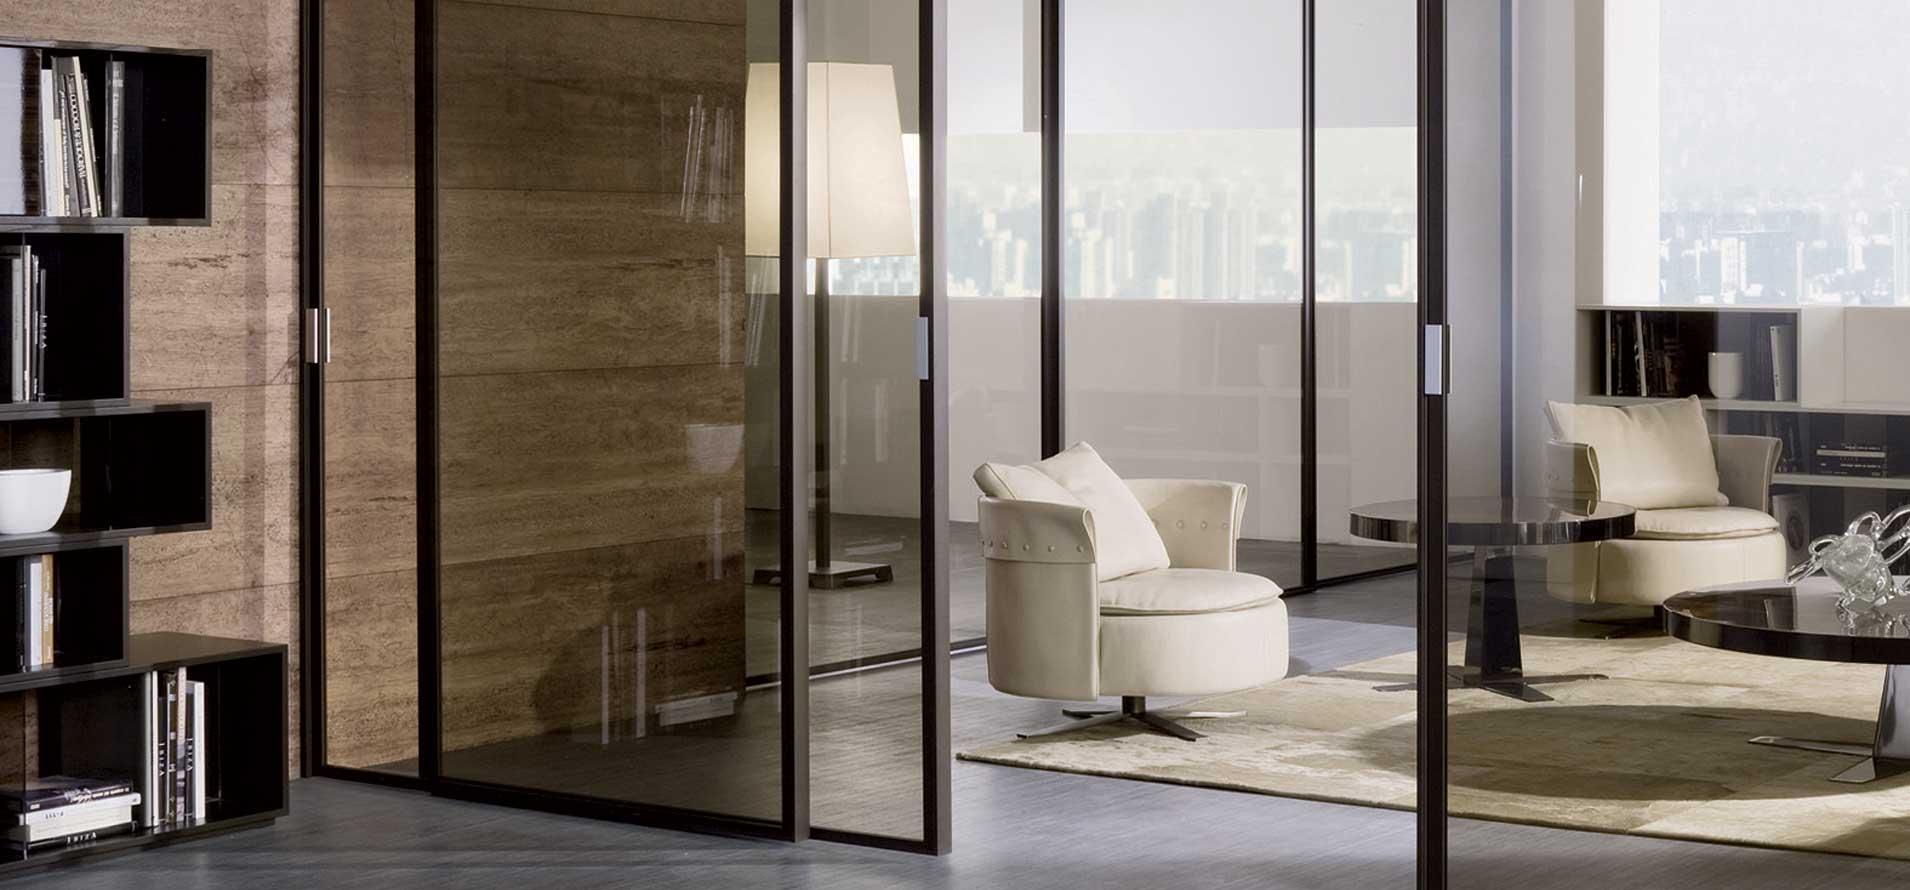 foto a colori, in primo piano la porta scorrevole con il nuovo profilo finitura moka e vetro bronzo che permette di vedere l'ambiente retrostante, un living